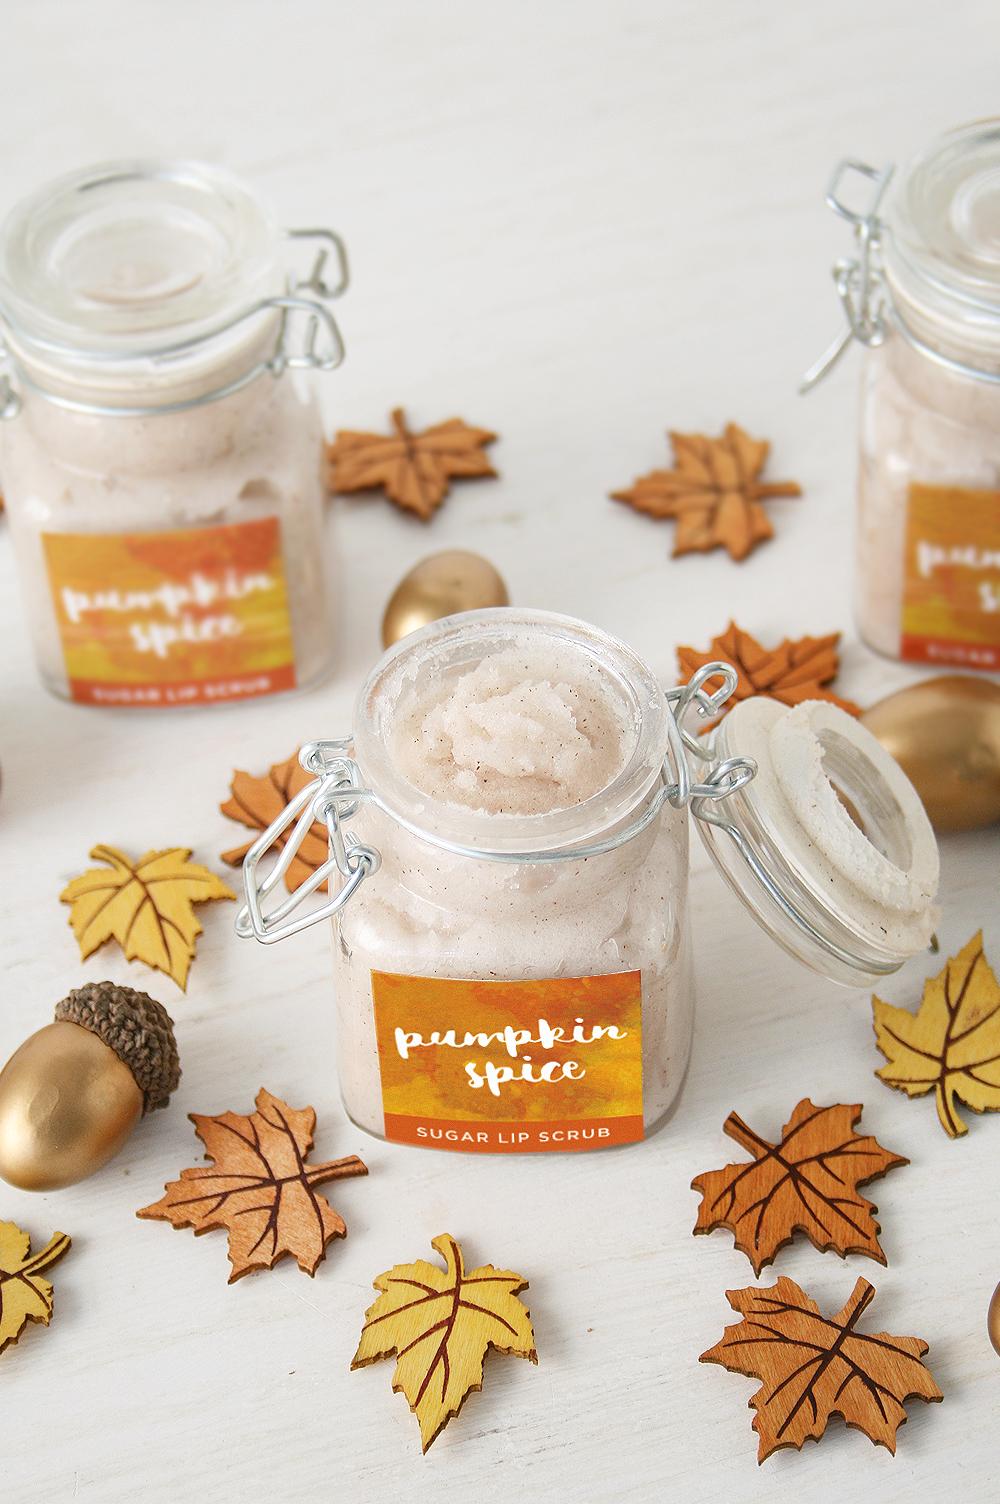 DIY pumpkin spice sugar lip scrub